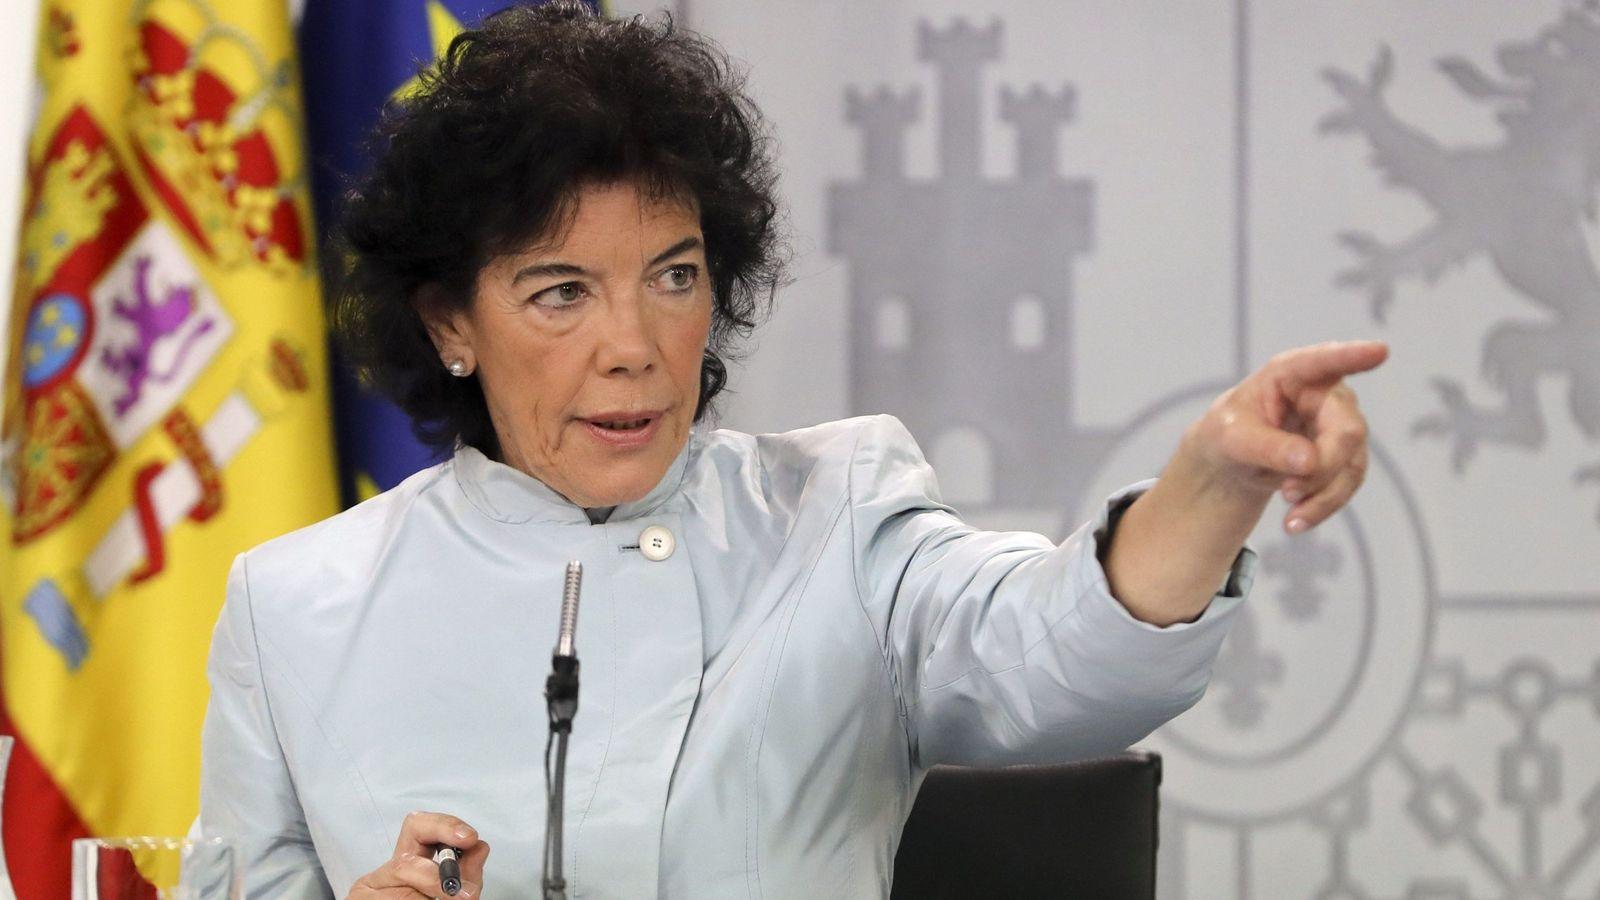 Foto: Isabel Celaá, ministra de Educación y portavoz del Gobierno, durante su primera rueda de prensa tras el Consejo de Ministros de Pedro Sánchez. (EFE)